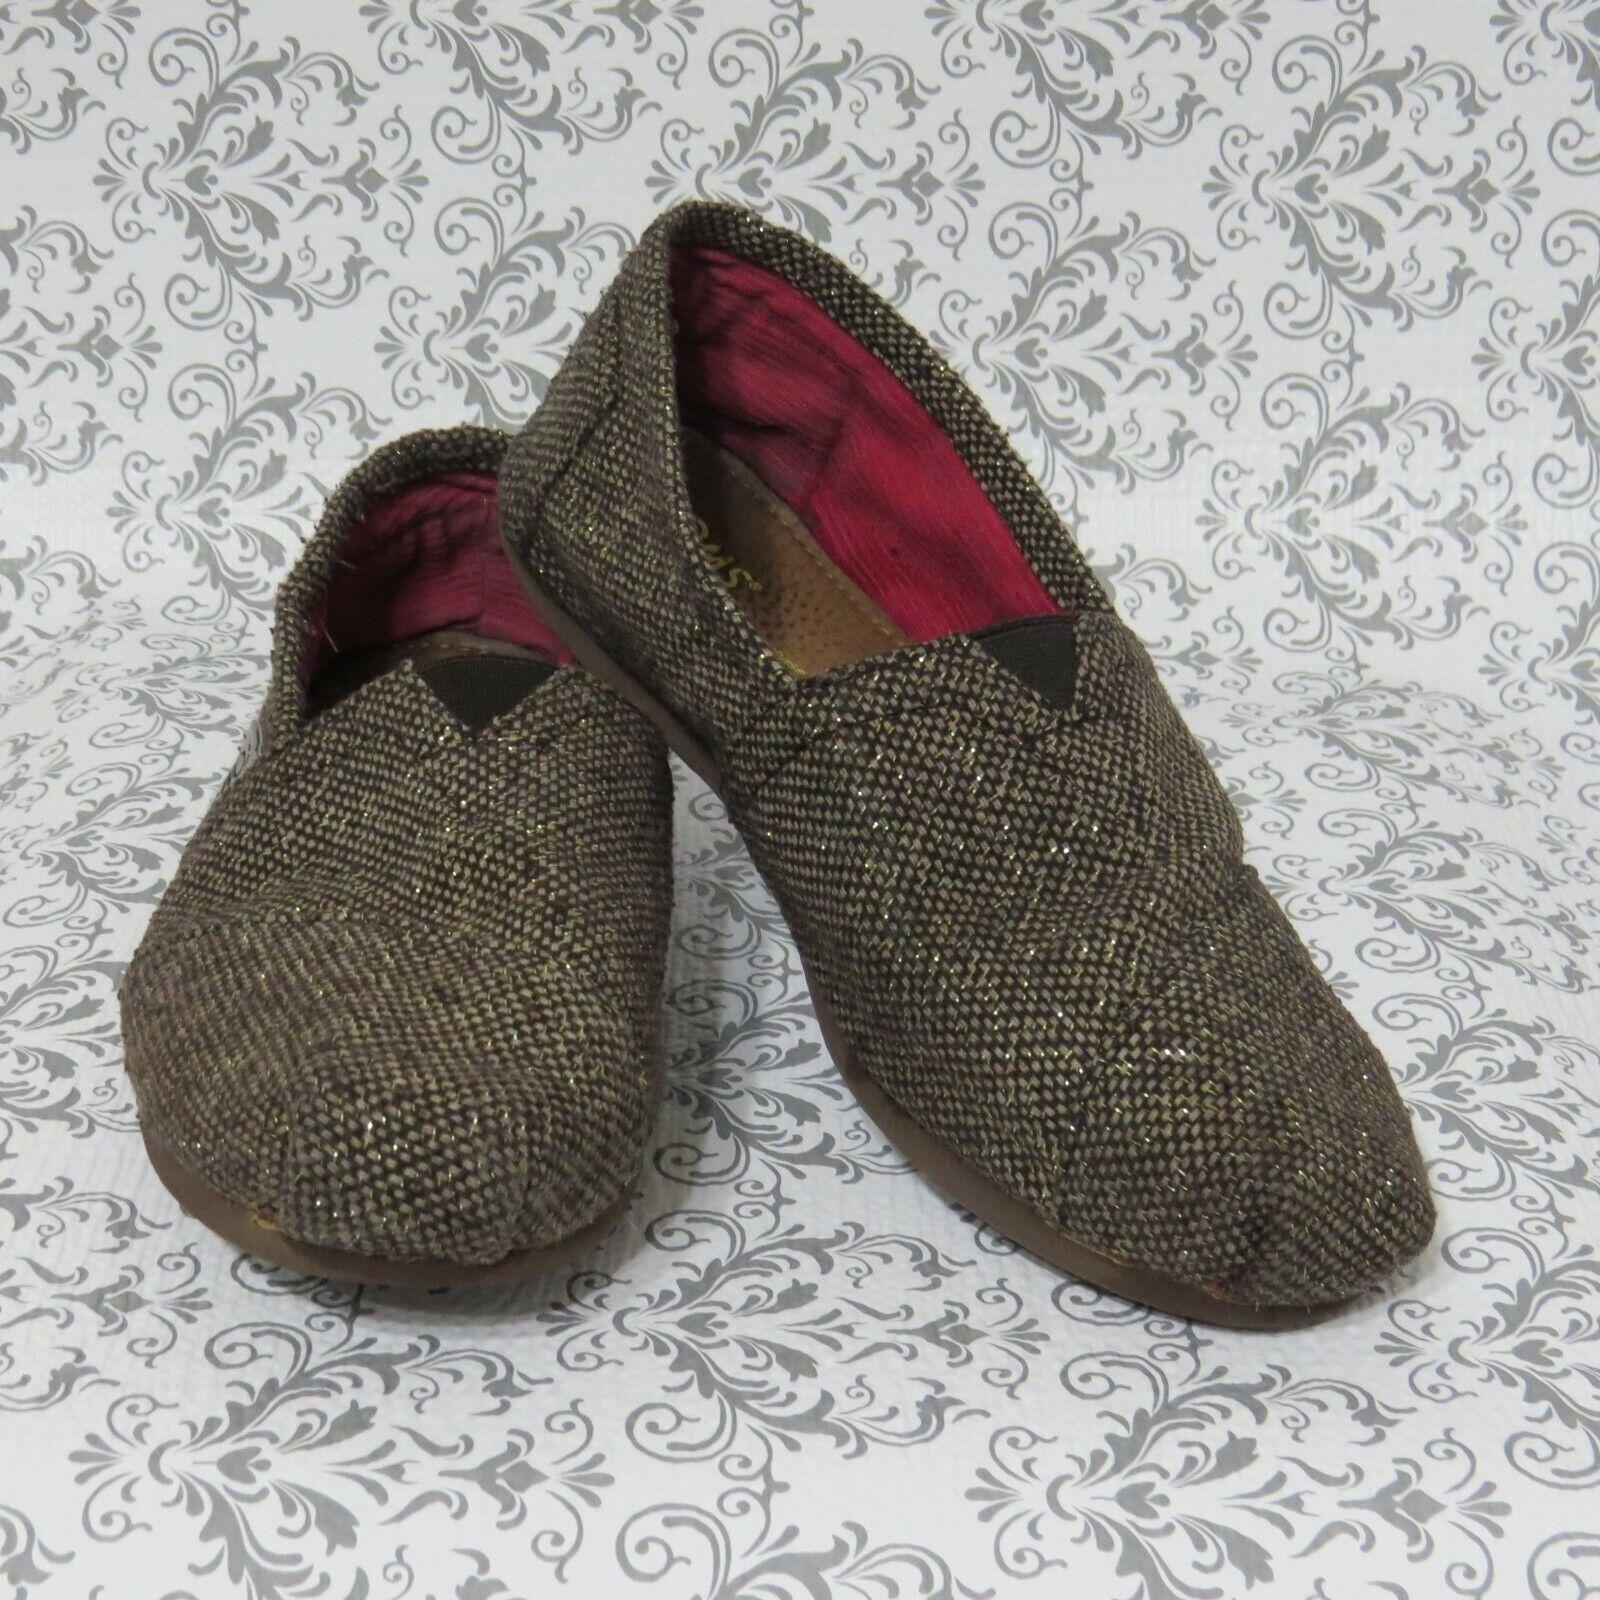 Toms Classic Brown Sz 6.5 Gold Woven Alpargatas Slip On Ballet Flats Shoes